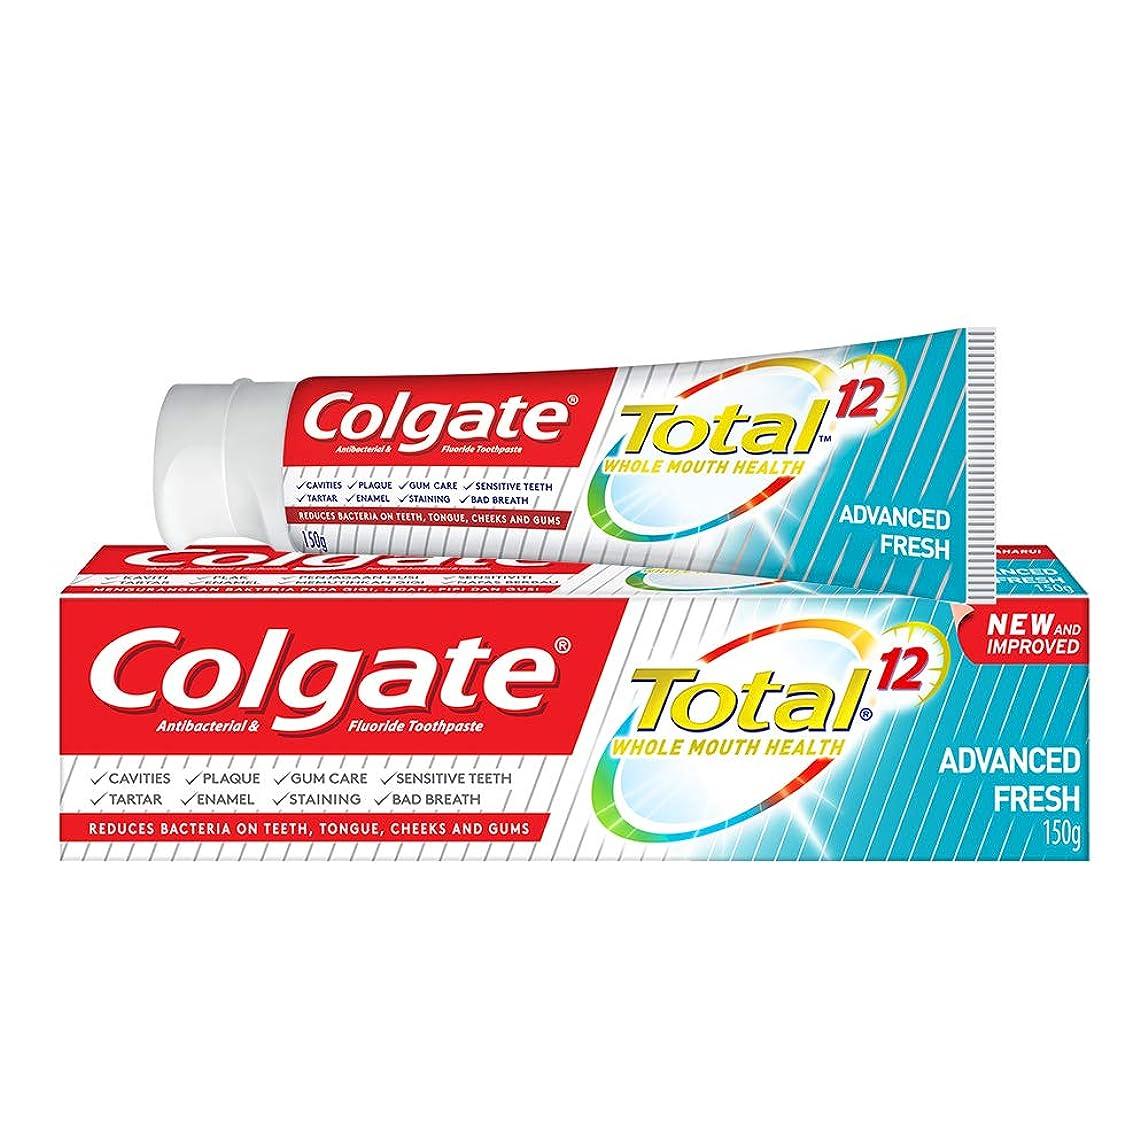 治療添付安心Colgate コルゲート トータル トゥースペースト 150g (歯磨き粉) 【歯磨き粉、虫歯予防、アメリカン雑貨】